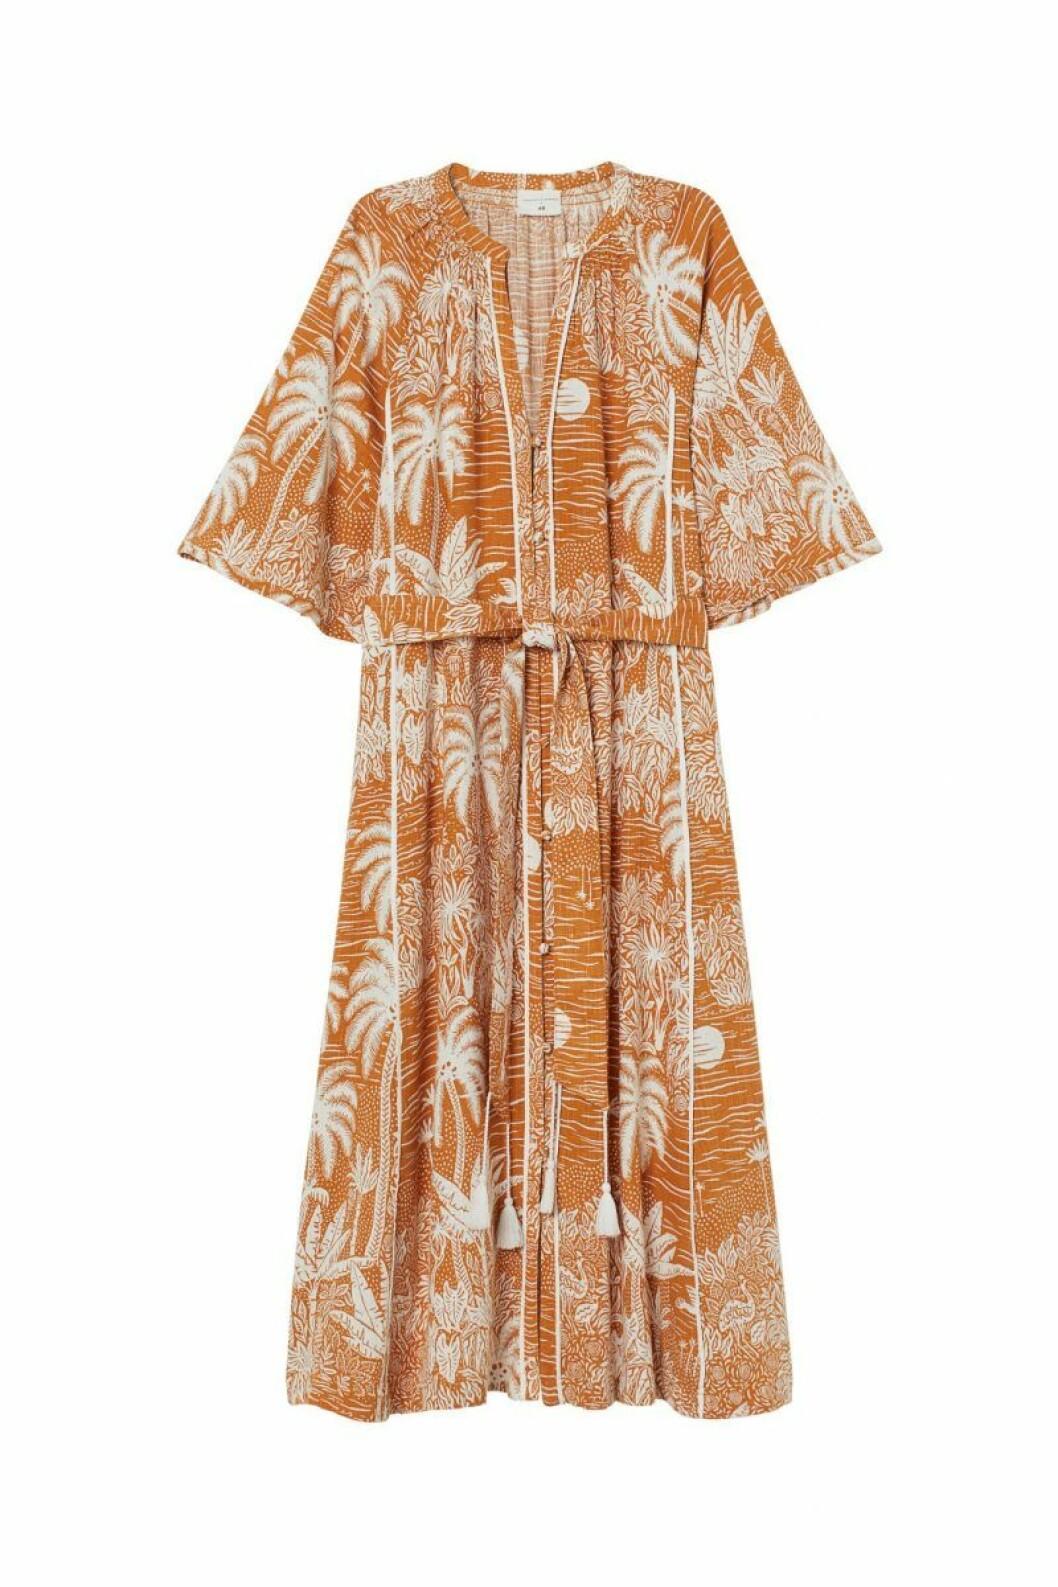 H&M x Desmond & Dempsey sommarkollektion 2020: orange kaftan